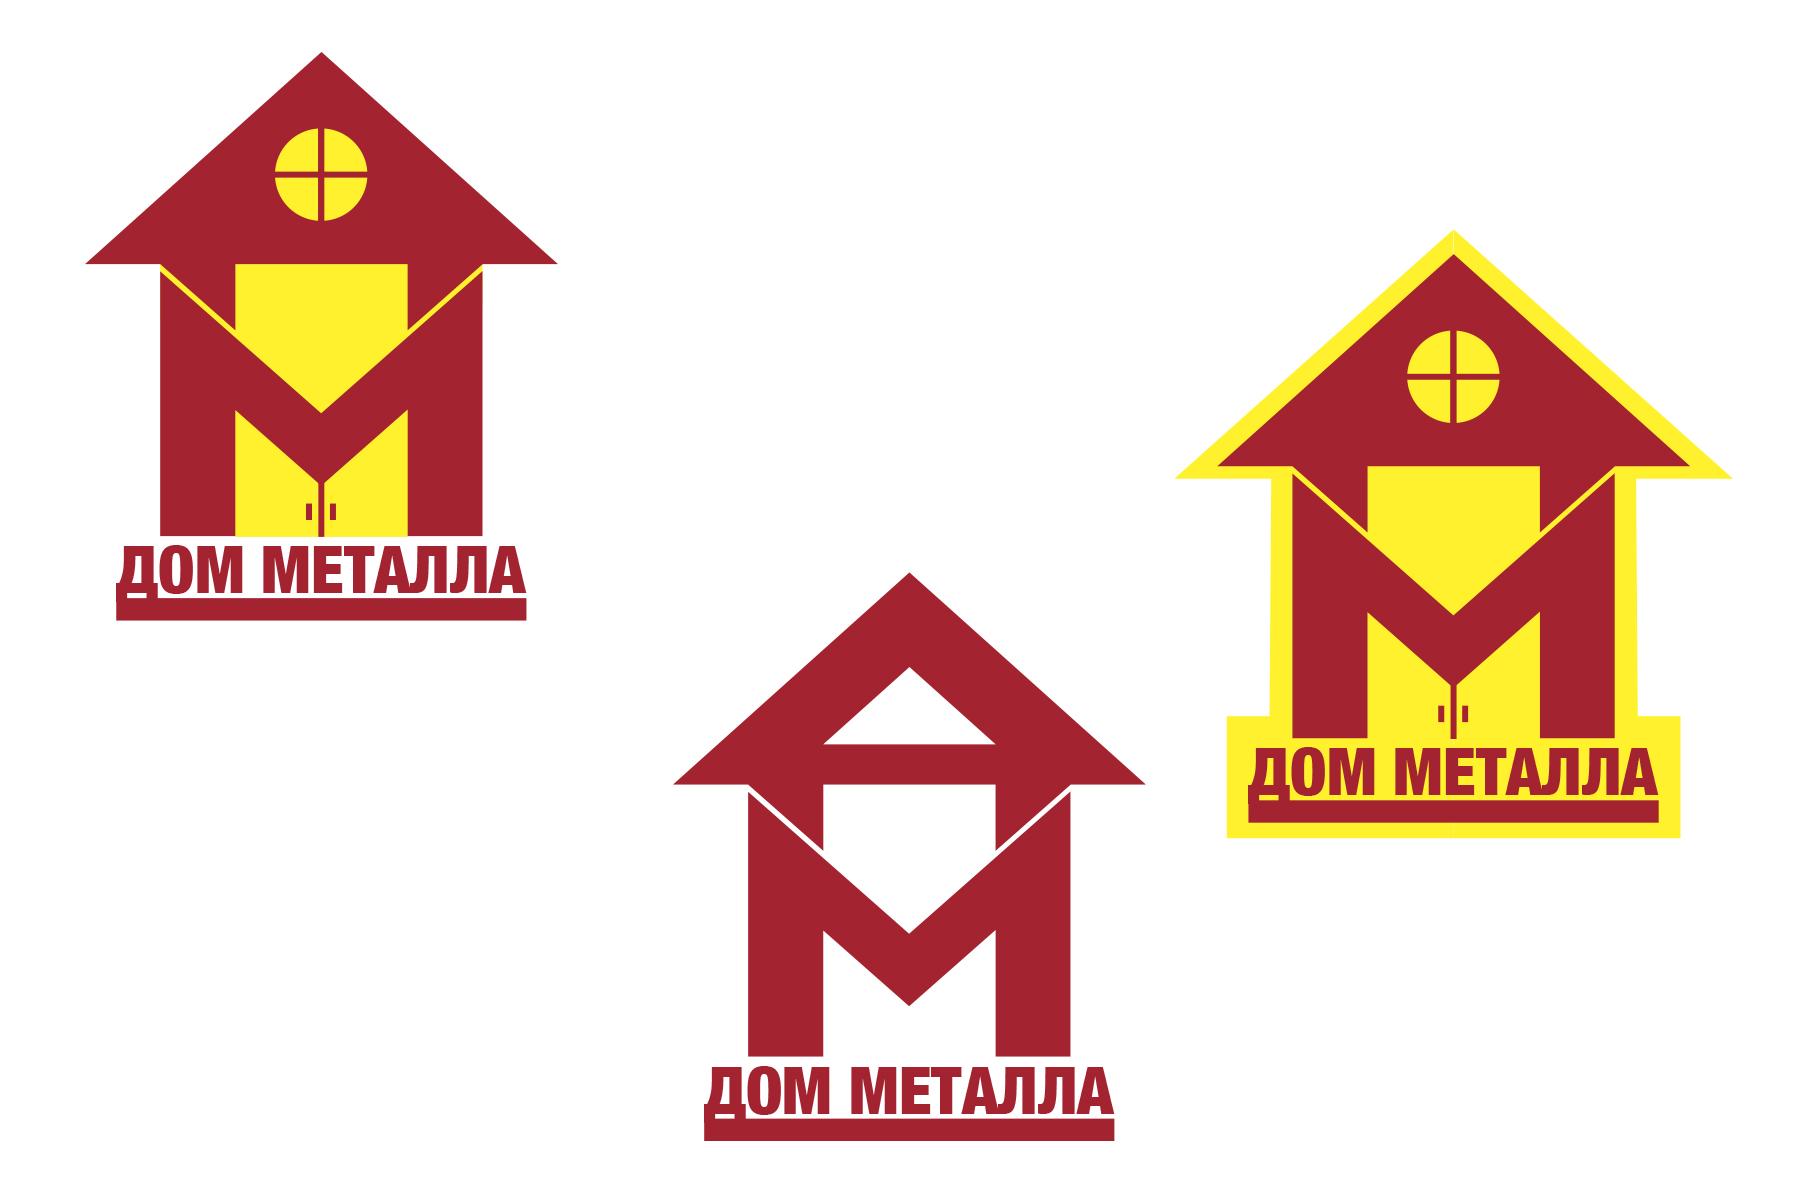 Разработка логотипа фото f_4715c5c4687316c8.jpg